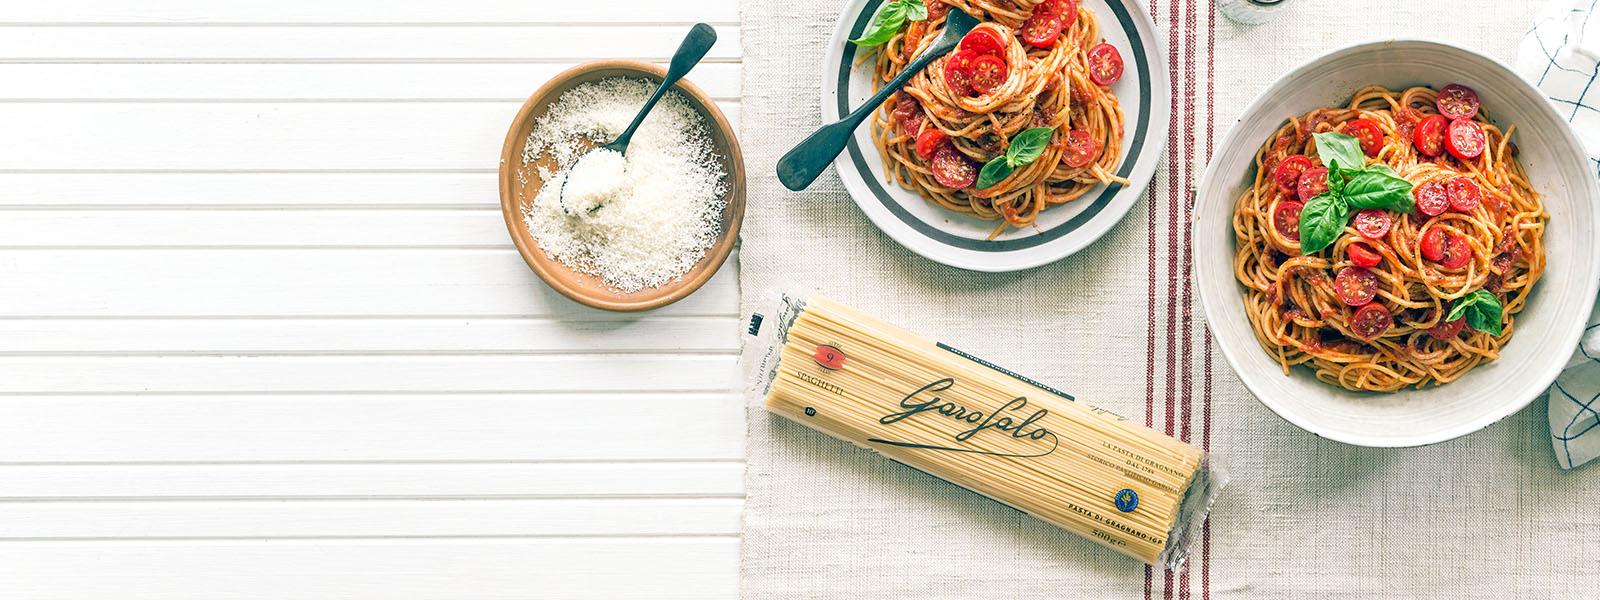 Pasta Garofalo,  unica per passione.